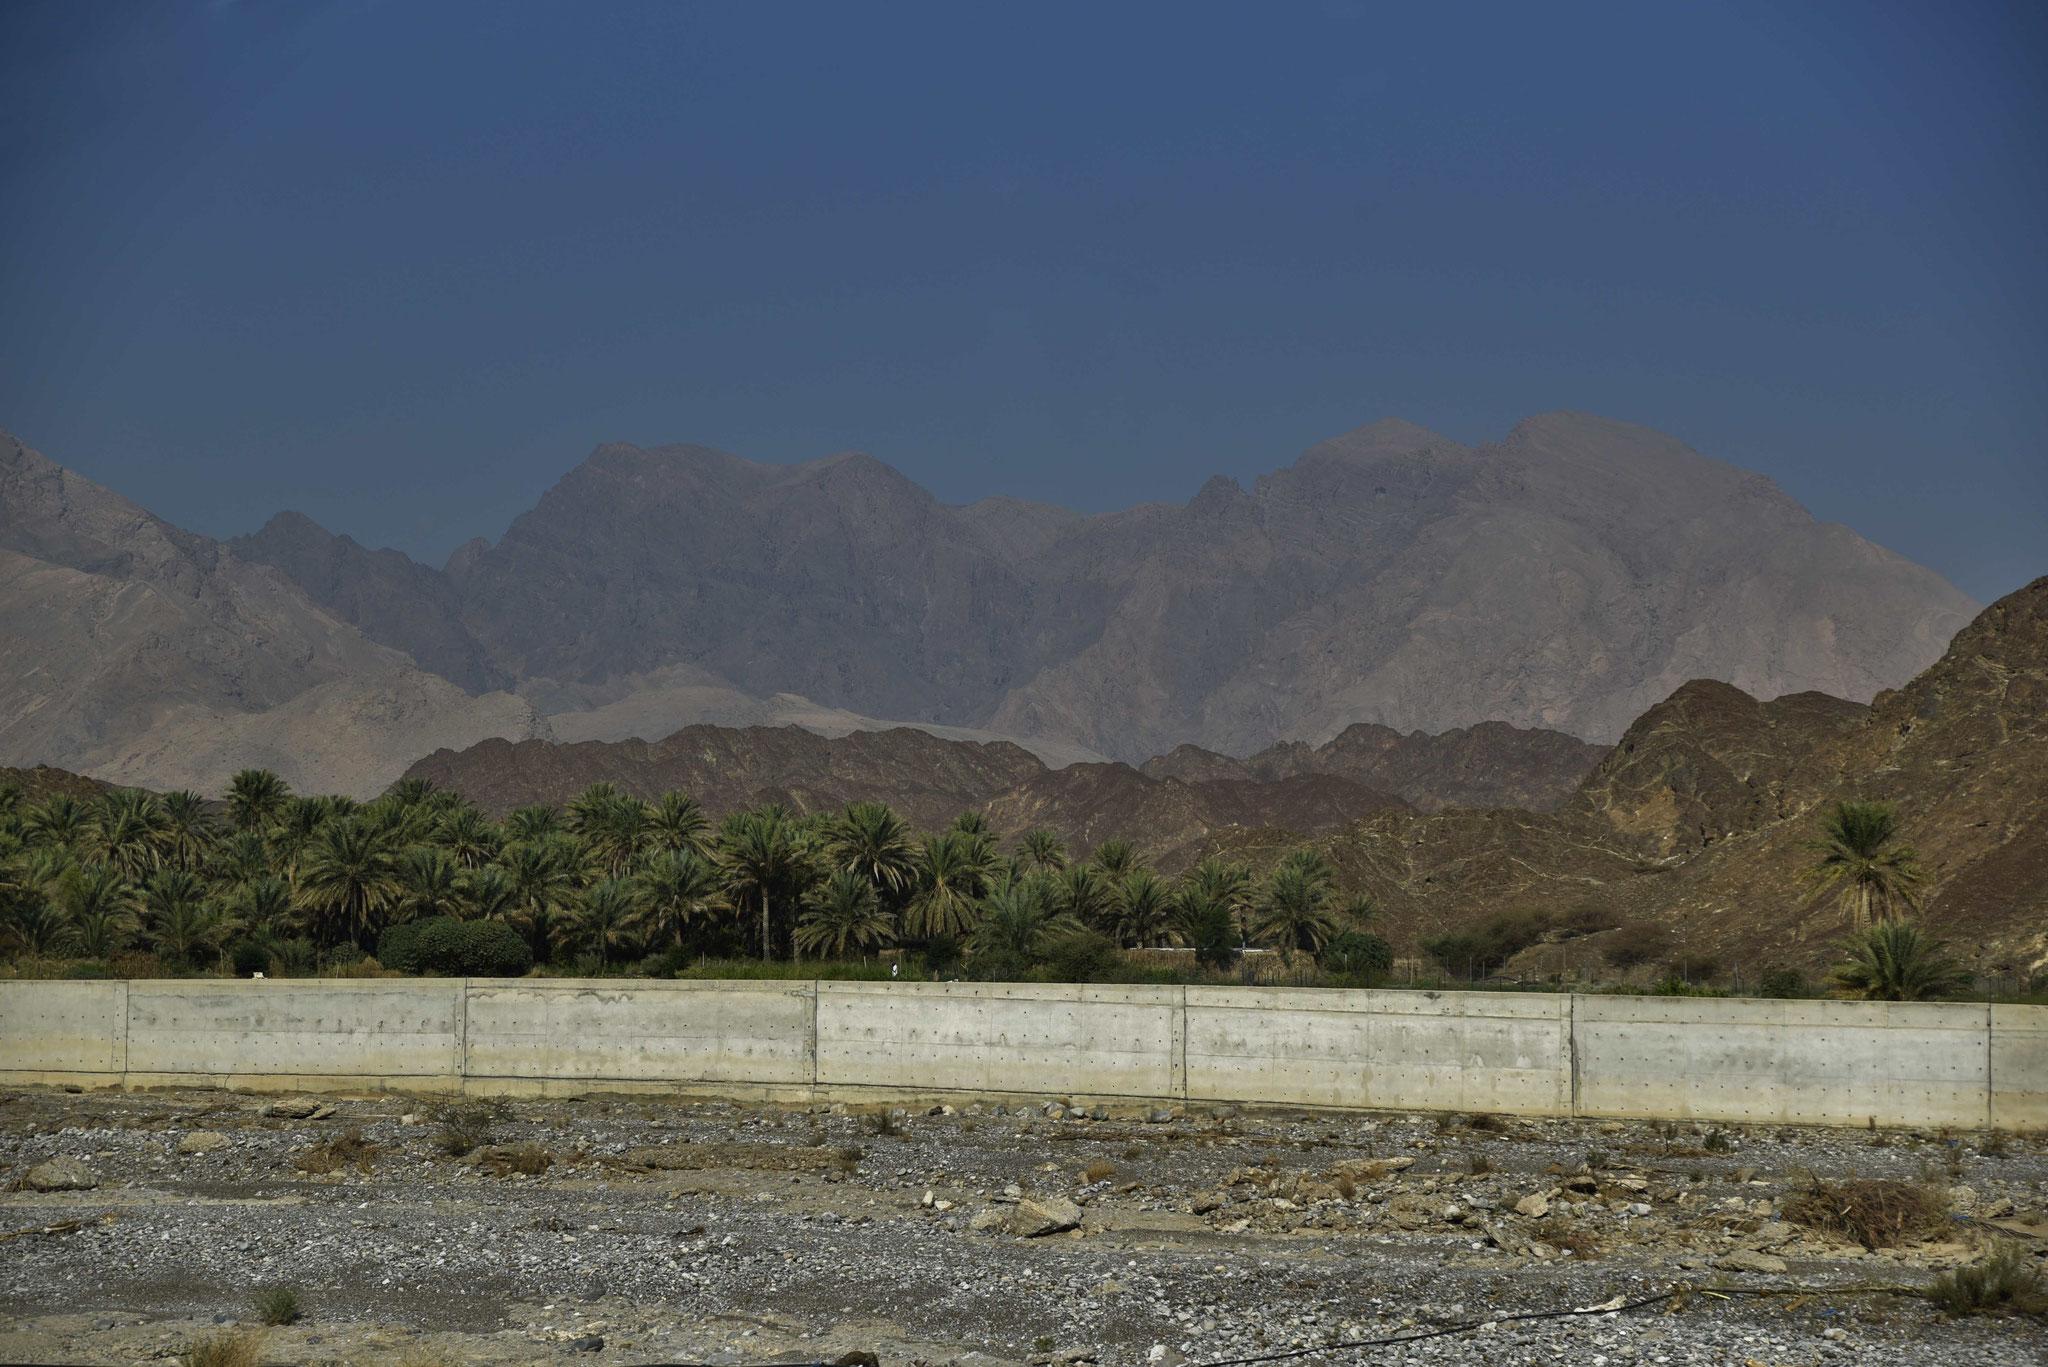 Die Mauer vor der Palmen schützt bei sturzflutartigen Regenfällen